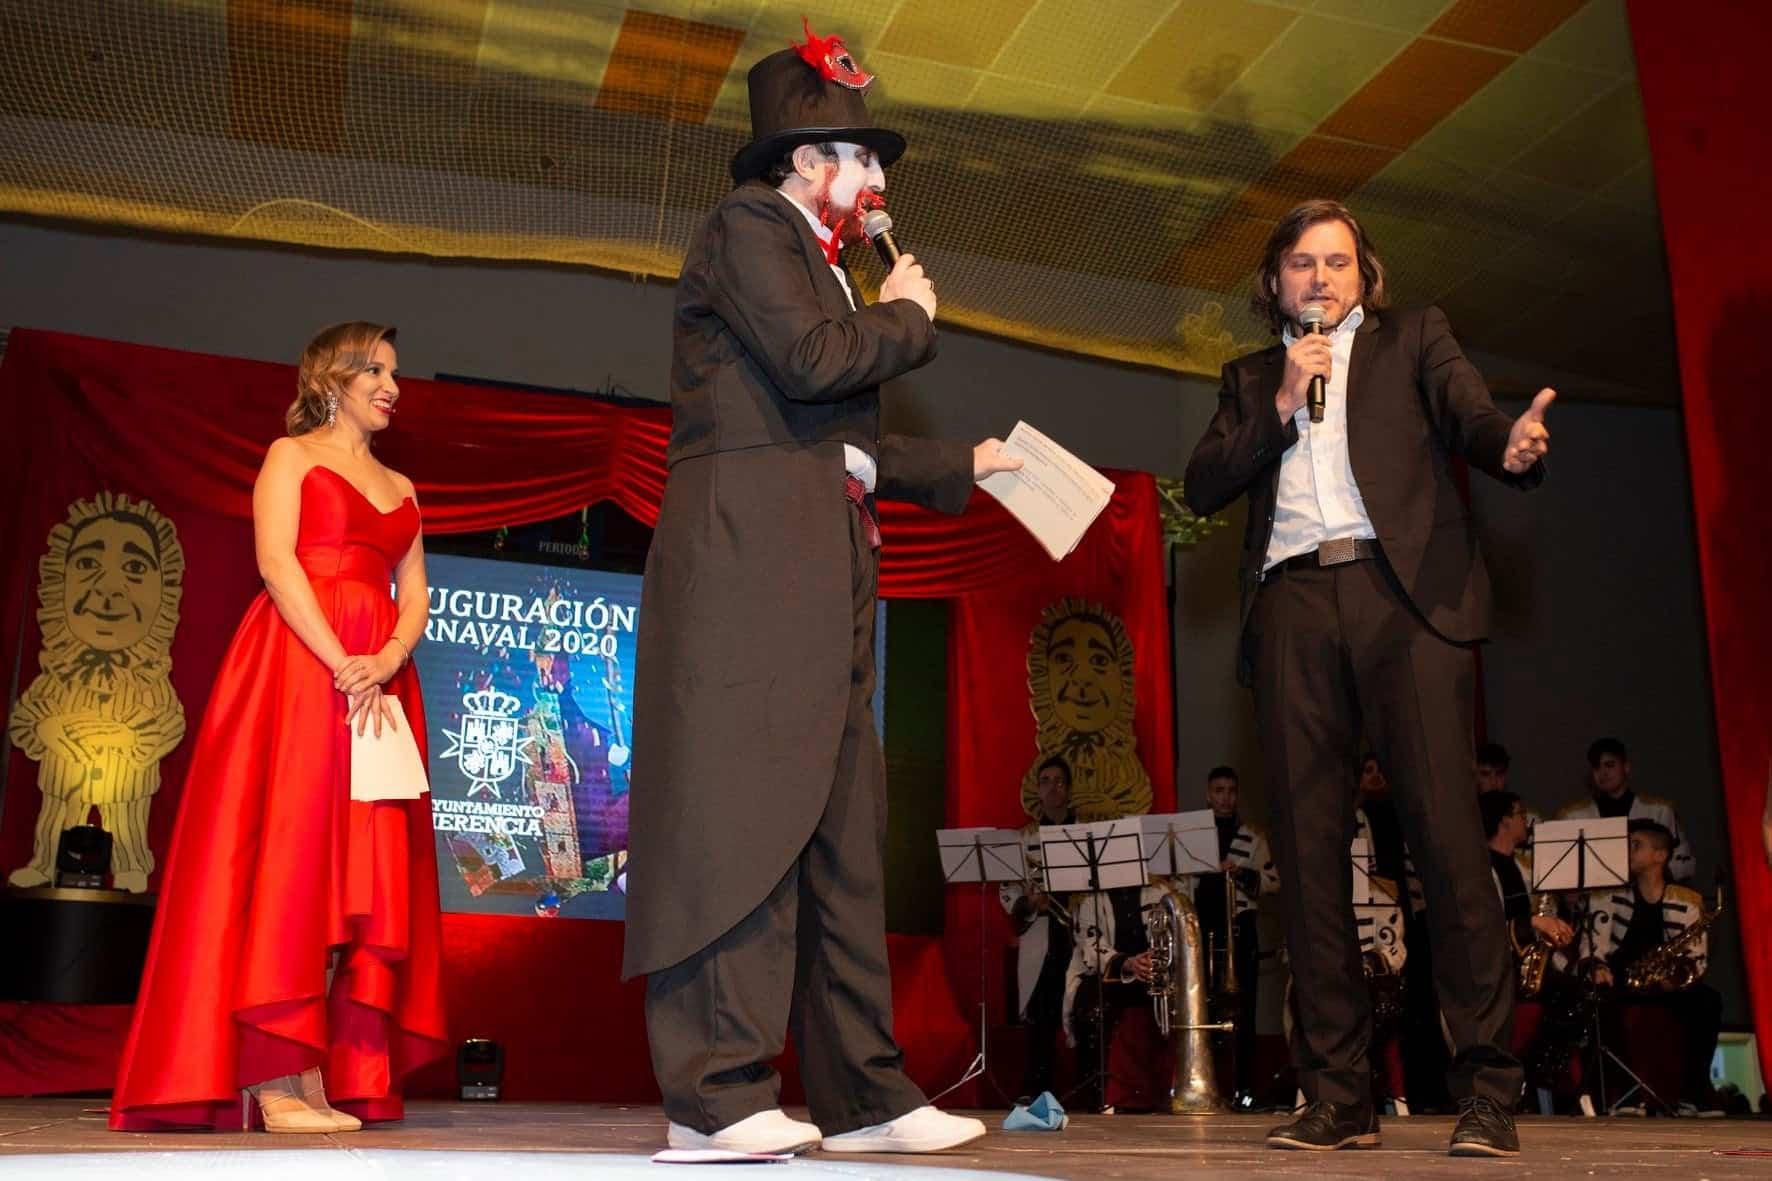 inauguracion carnaval 2020 herencia 38 - Inauguración del Carnaval de Herencia 2020